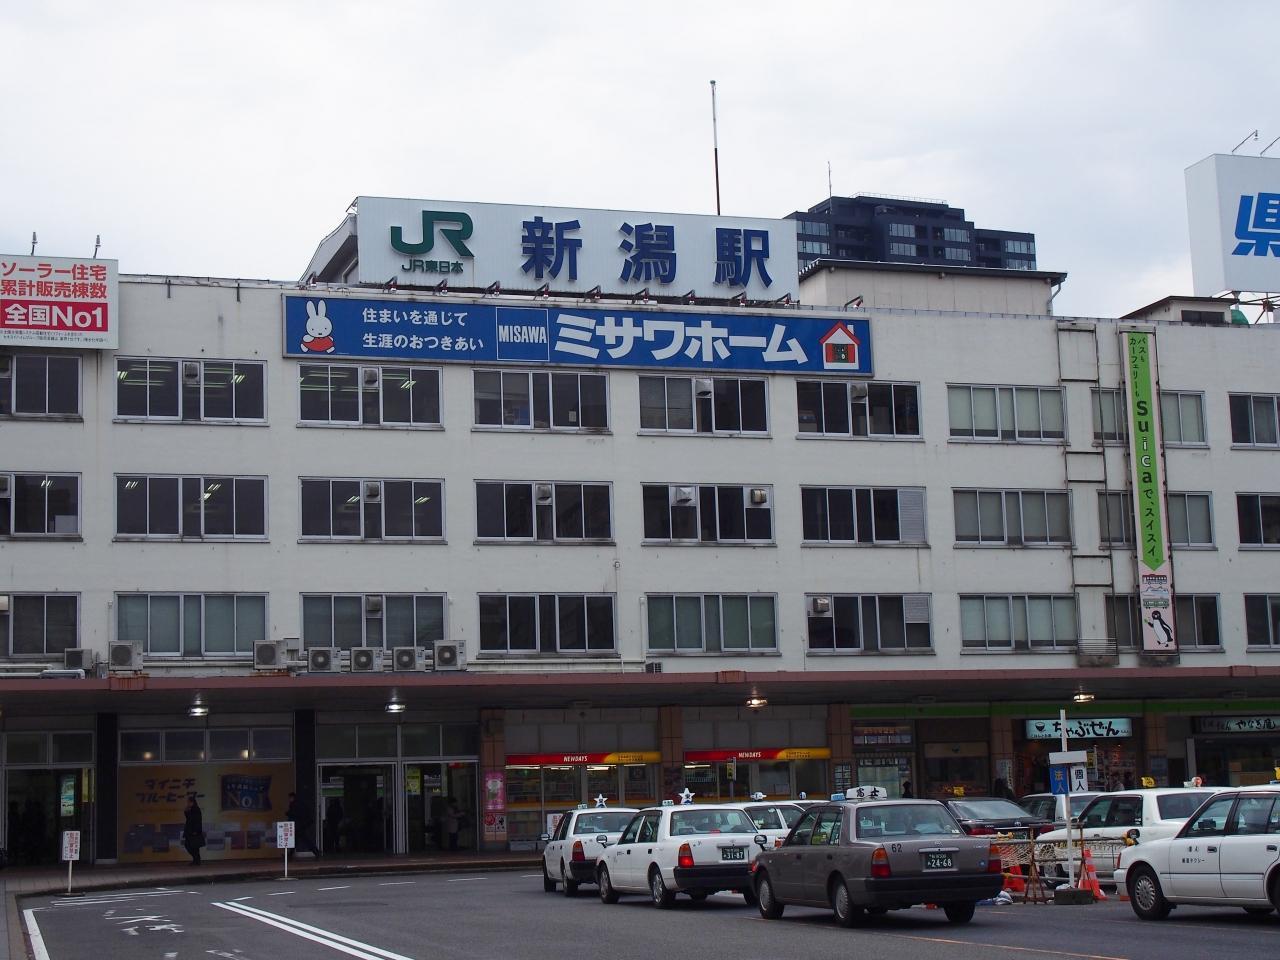 新潟 ここ 駅 から